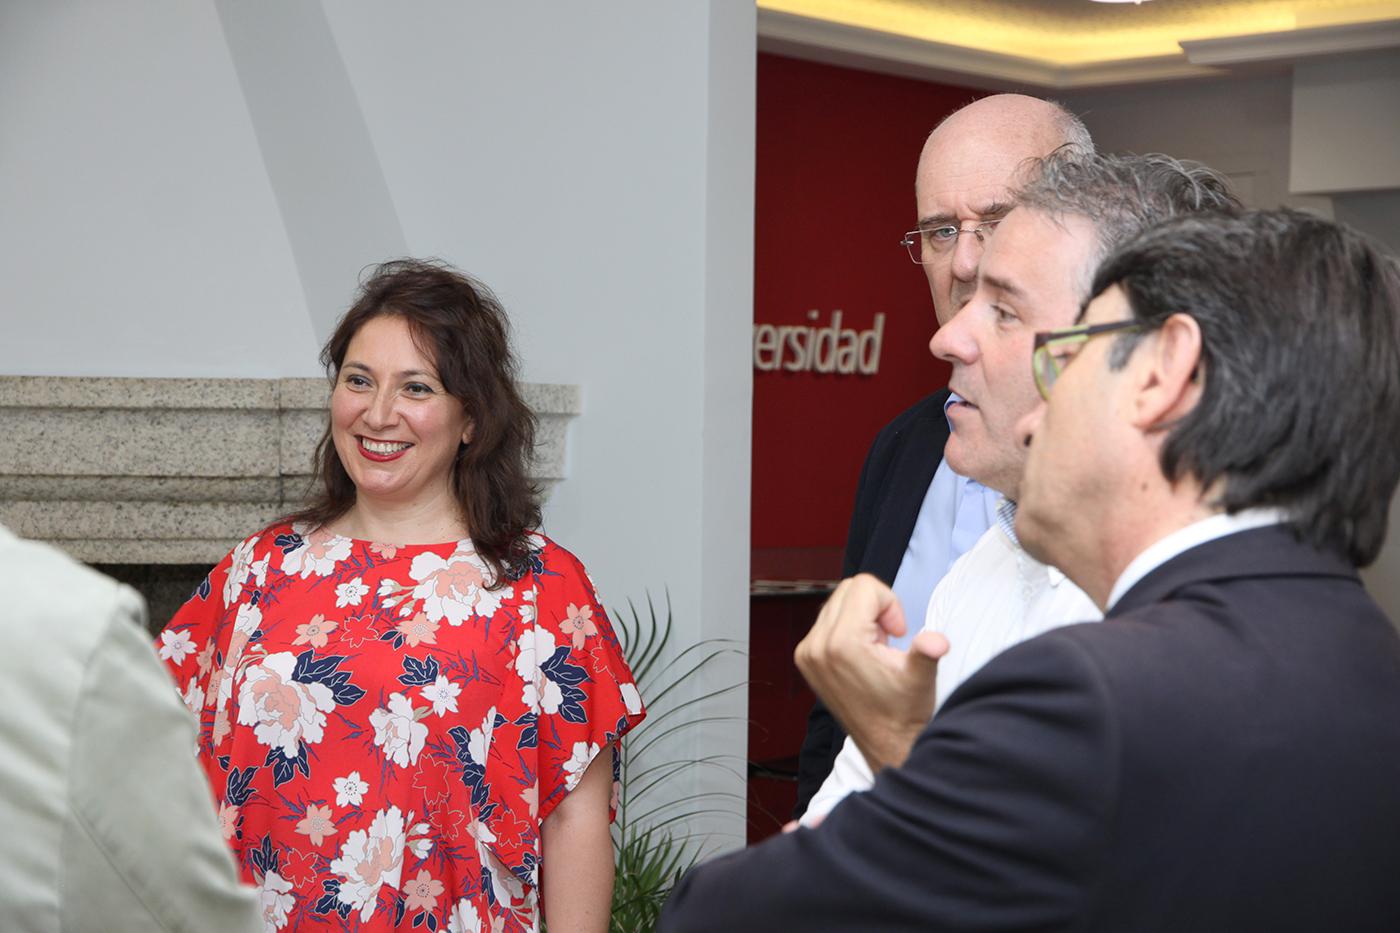 ... Autónoma de Barcelona y miembro del Grupo Libertad, Seguridad y  Transformaciones del Estado (LSTE), y David Odalric de Caixal i Mata,  director General ...